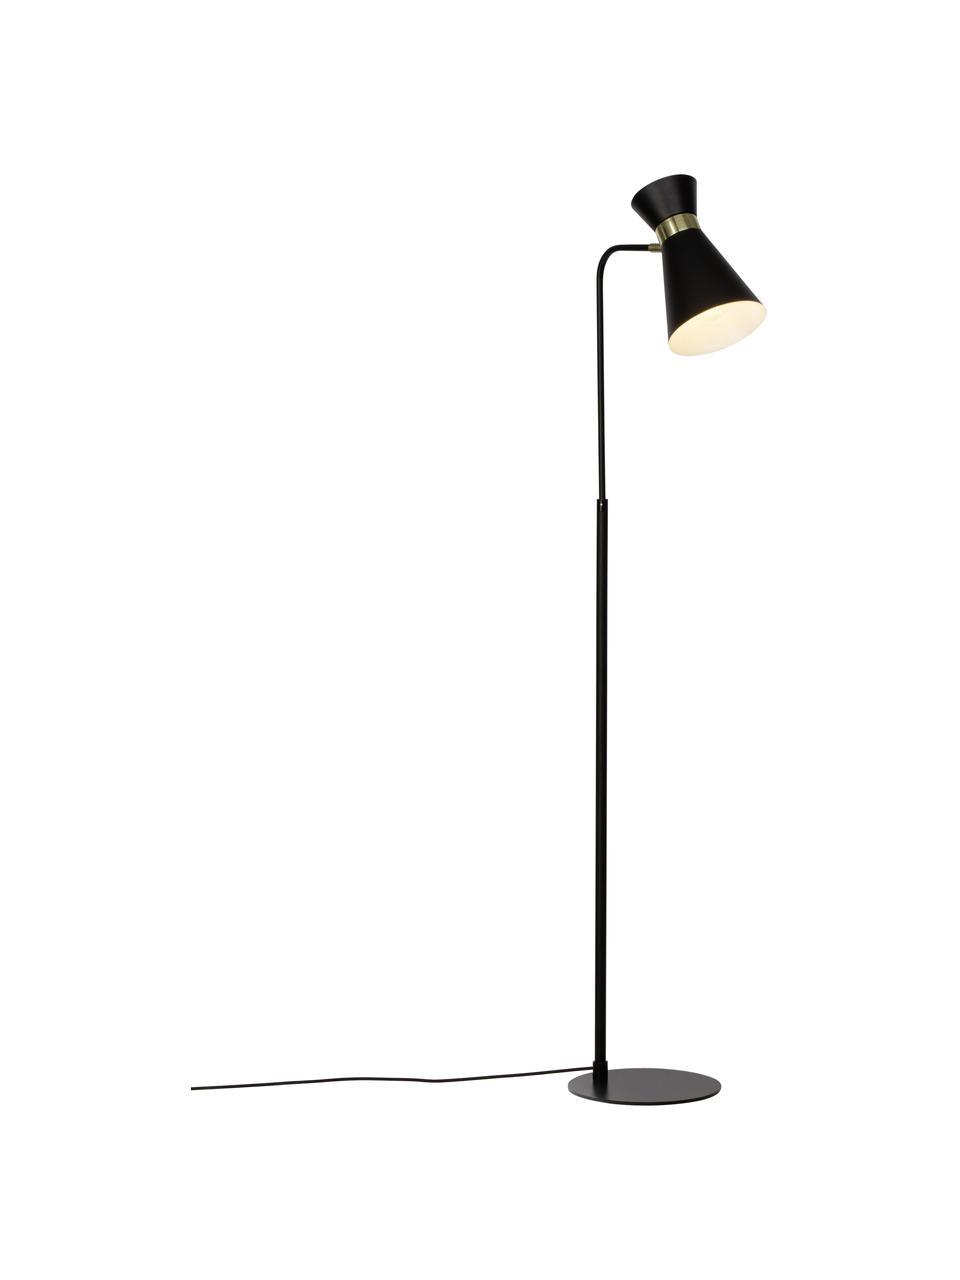 Lampa do czytania w stylu retro Grazia, Podstawa lampy i klosz: czarny Mocowanie: odcienie złotego, matowy, S 39 x W 144 cm